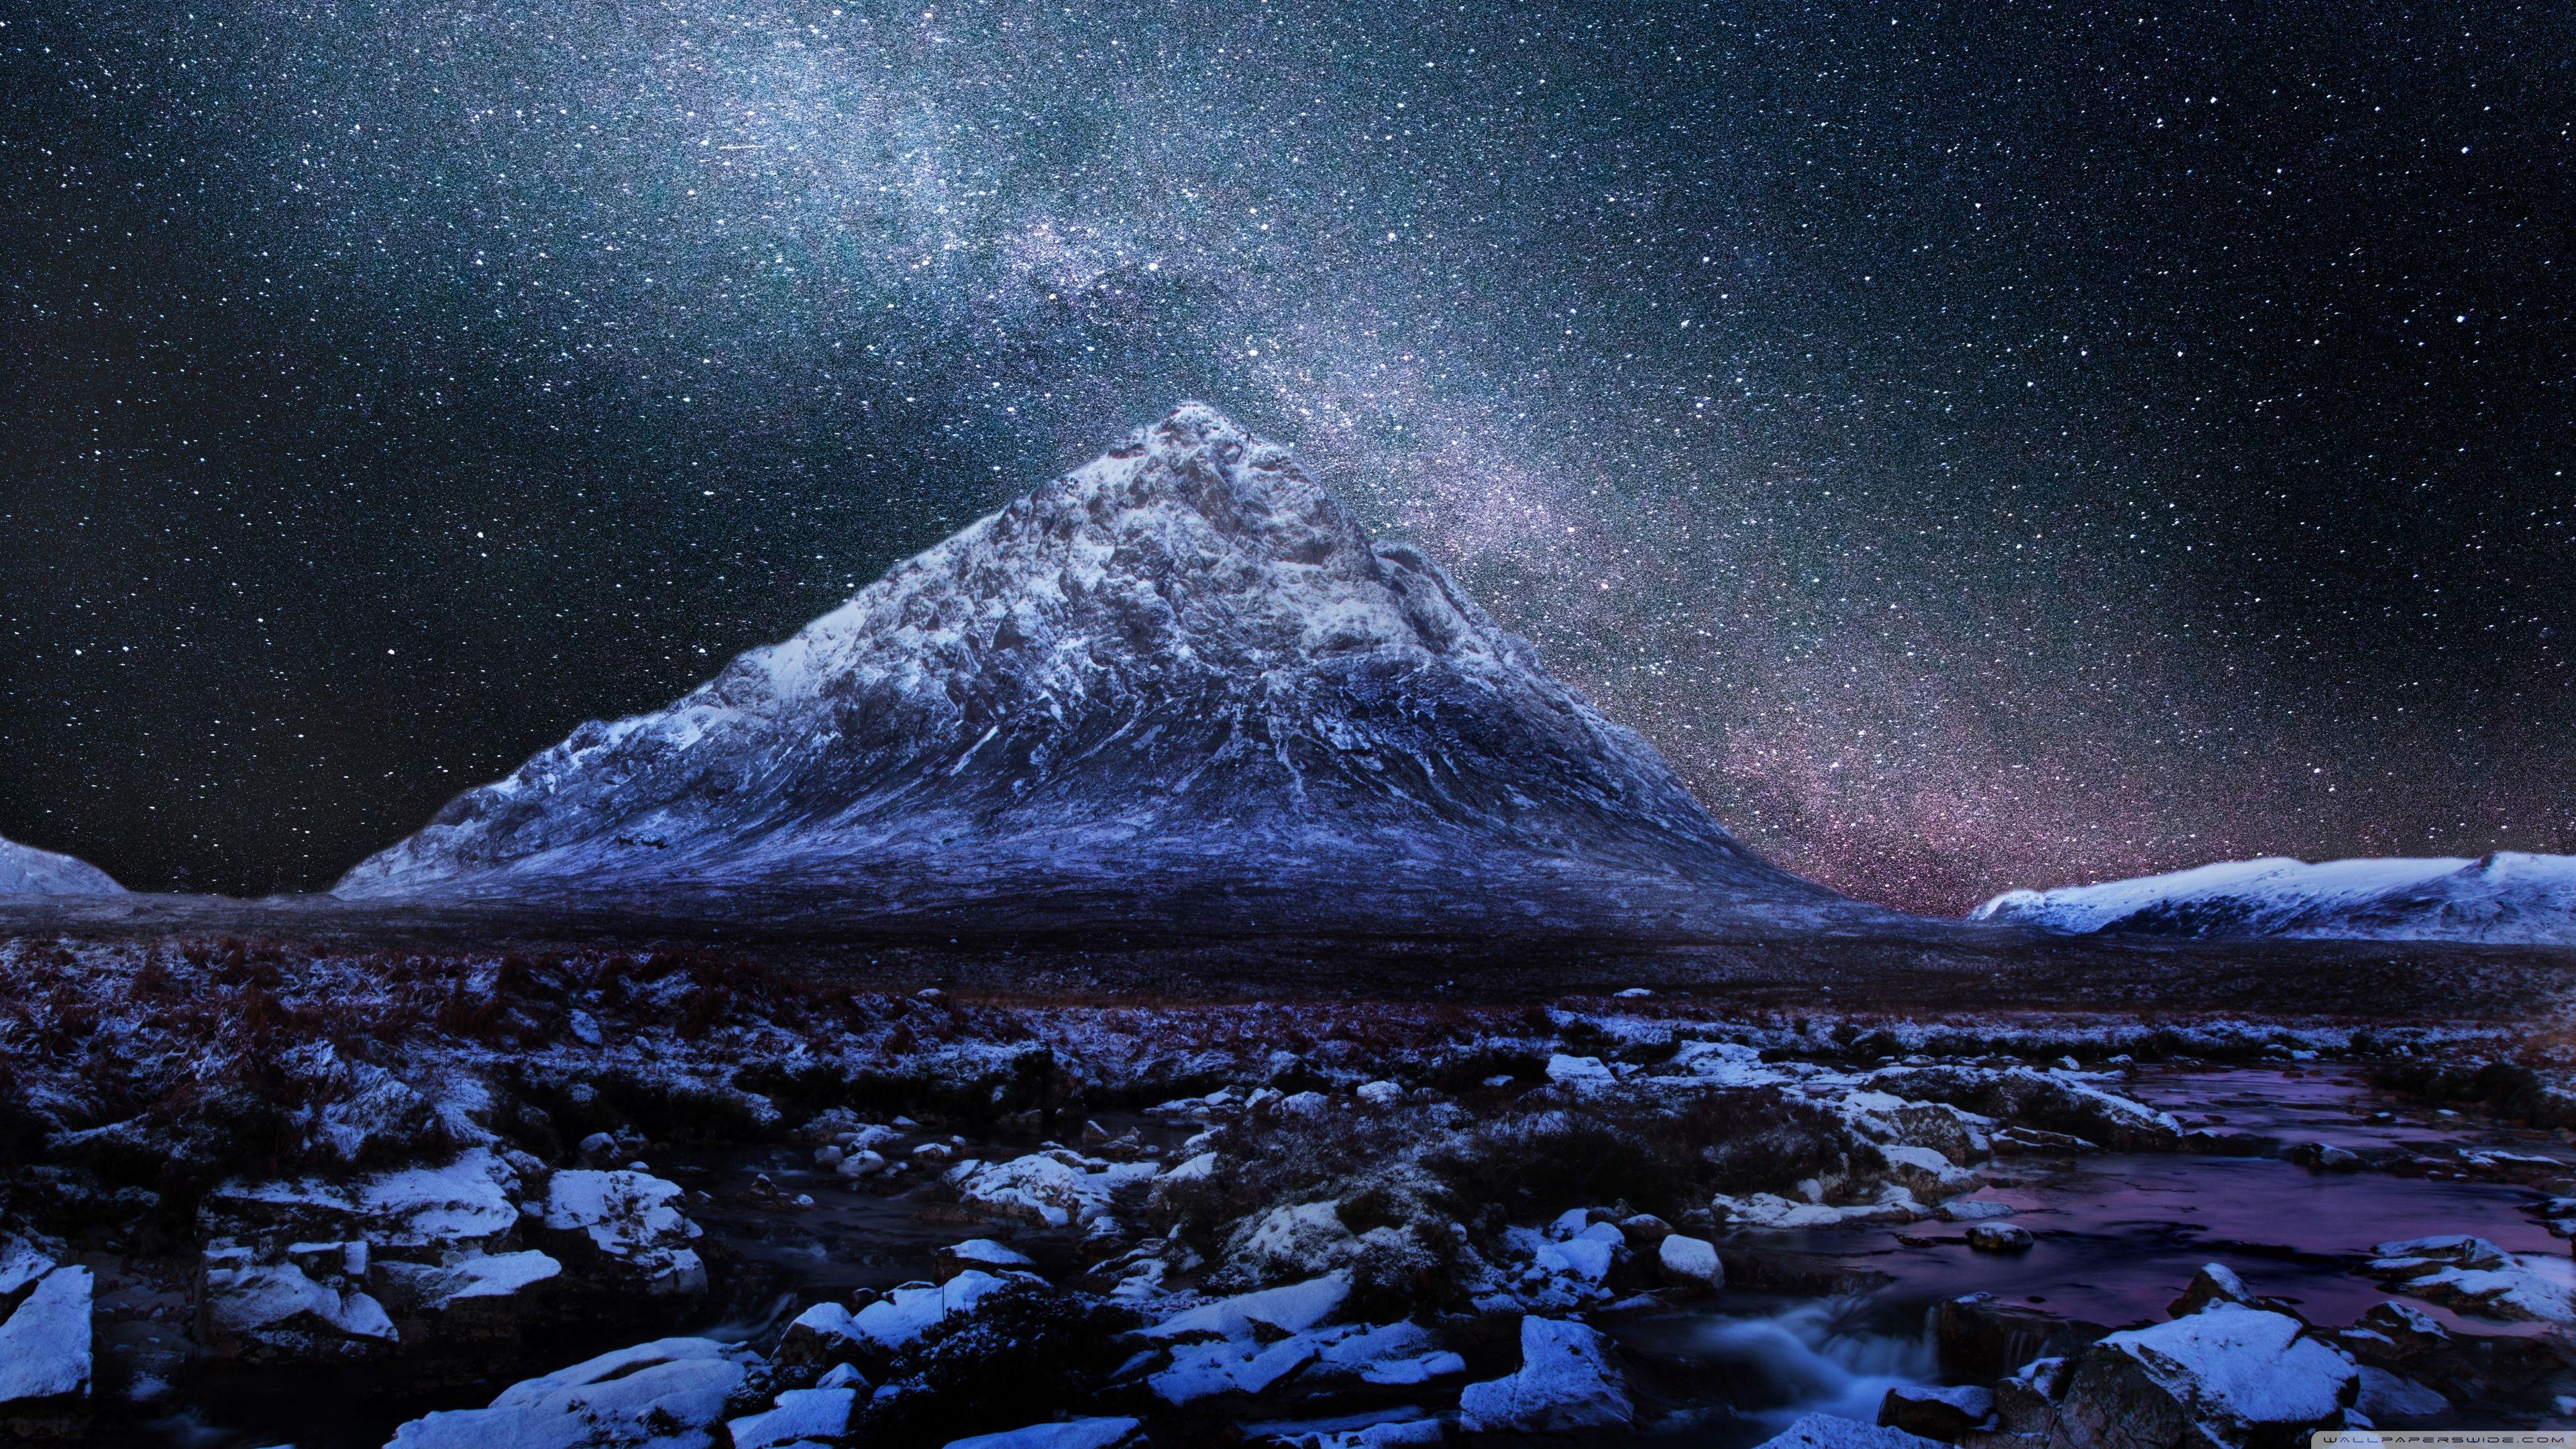 Milky Way 4K Wallpapers